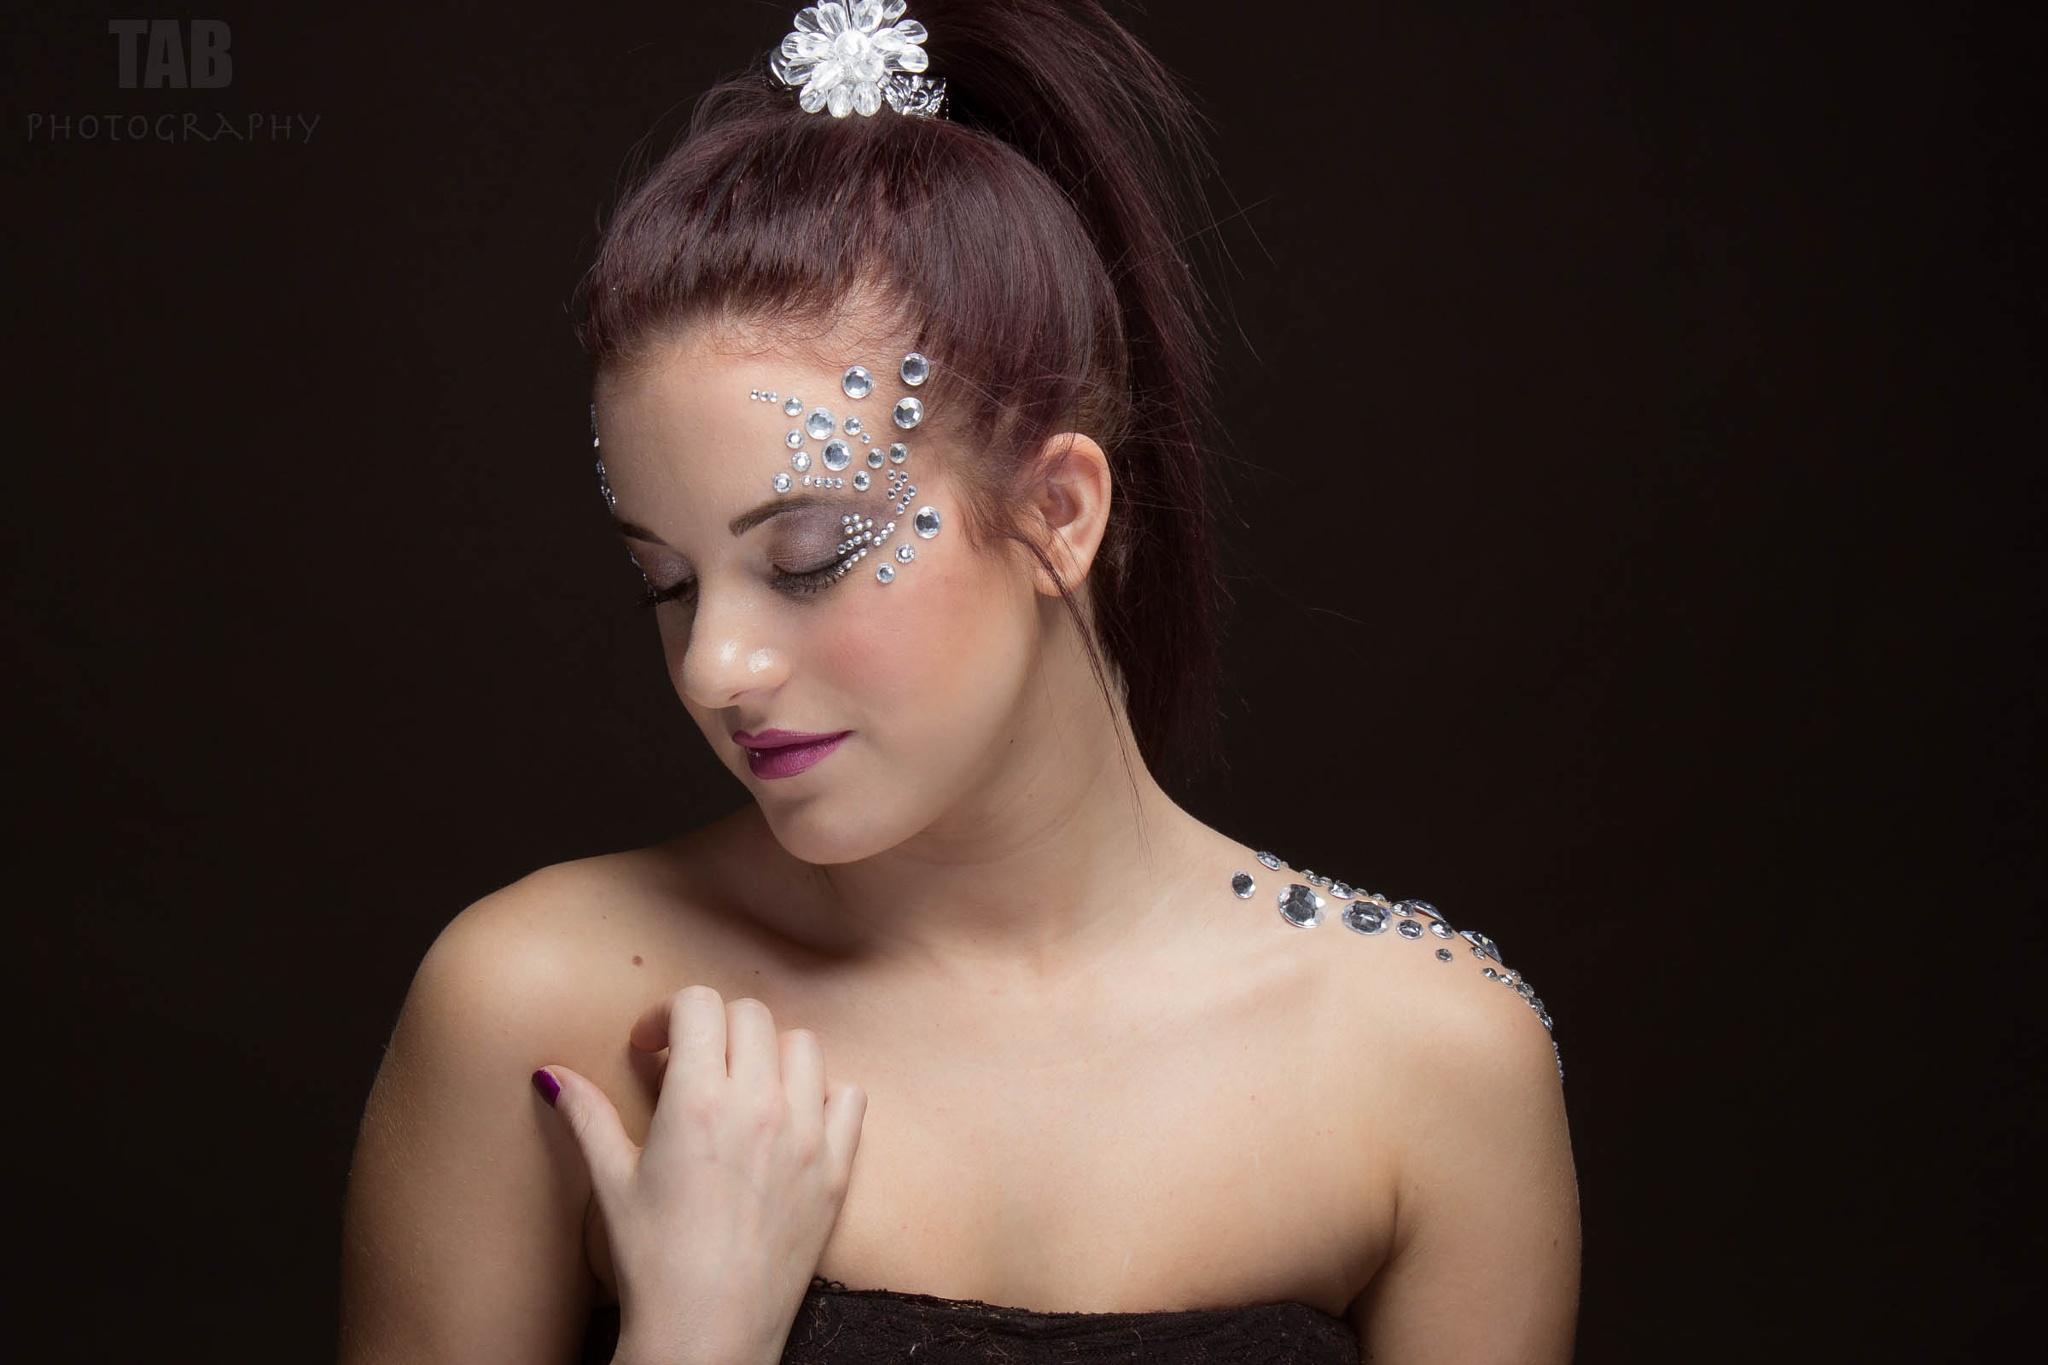 Angele by Tabitha Beaulieu